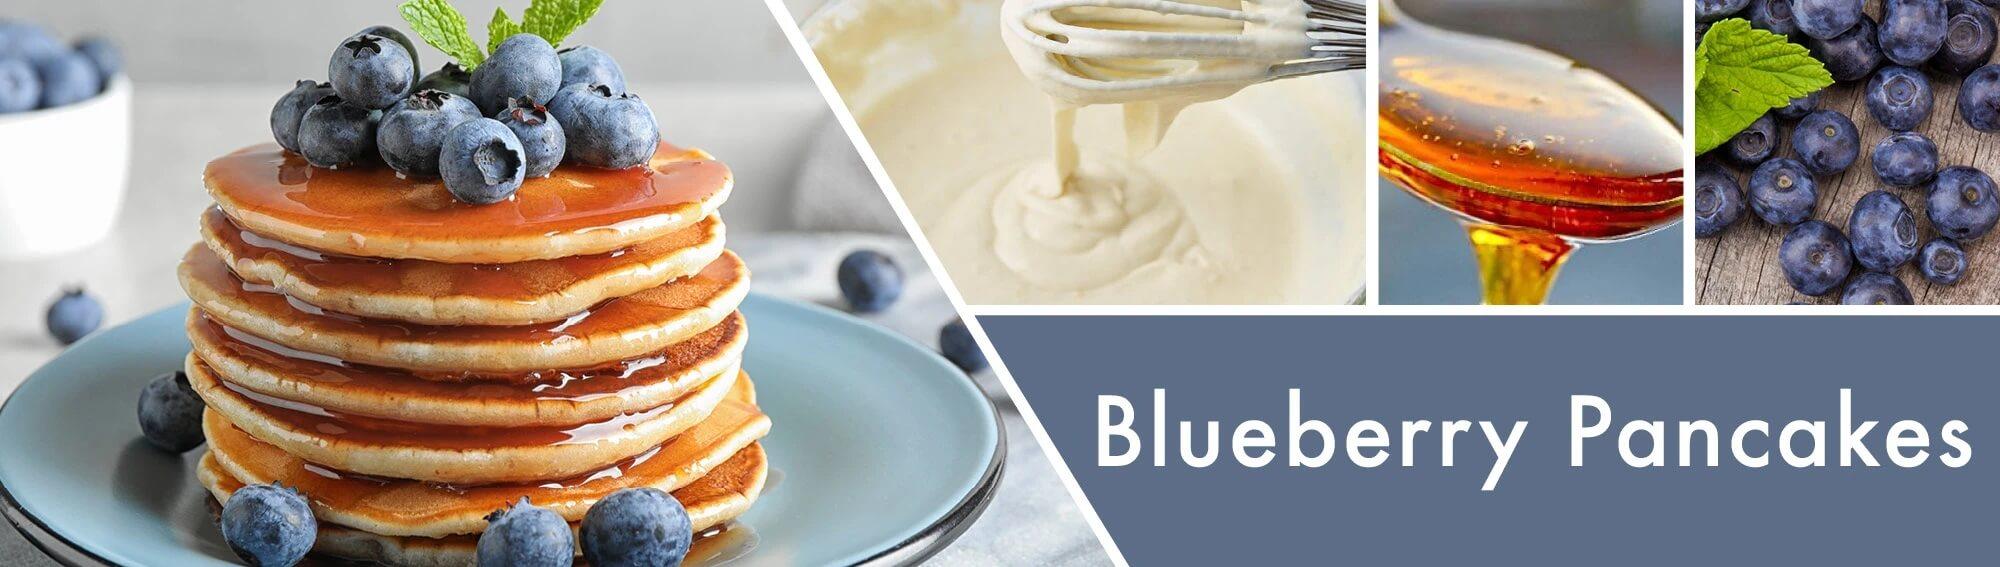 Blueberry-Pancakes-BannerVzvw15Sfg9B3a